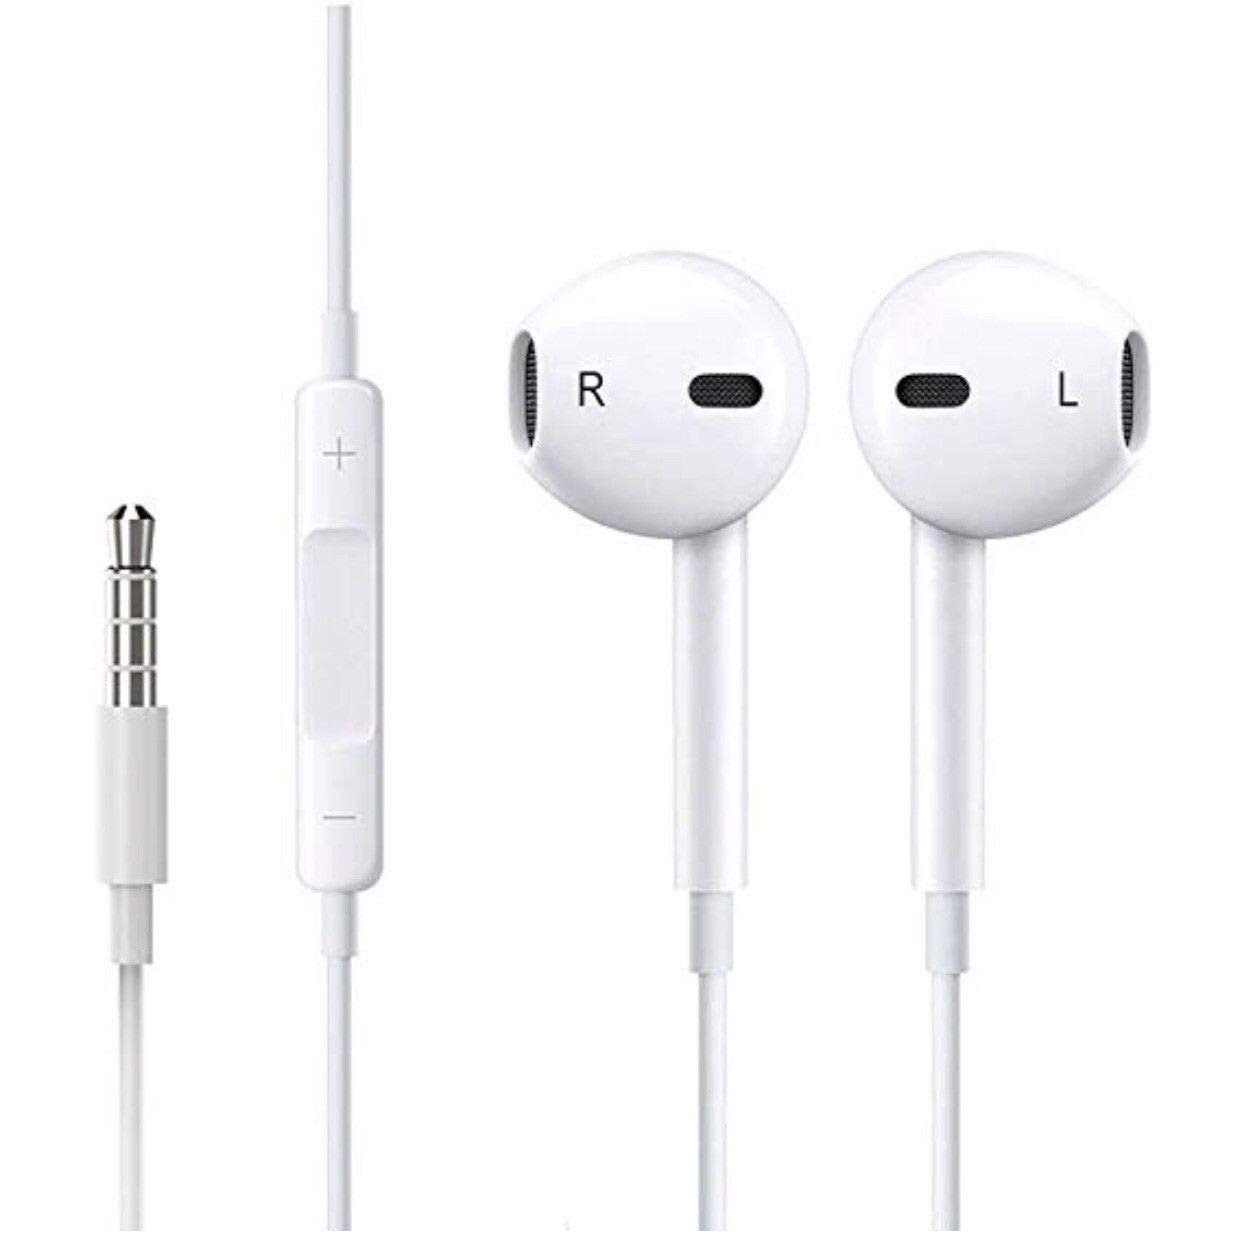 VideoPlanetItalia Auricolari Cuffie con cancellazione del Rumore in-Ear Bassi Potenti ad Alta Definizione Jack Stereo 3.5 mm per iPhone 5 6 6s 7 8 XR XS X iPad iPod Samsung LG HTC